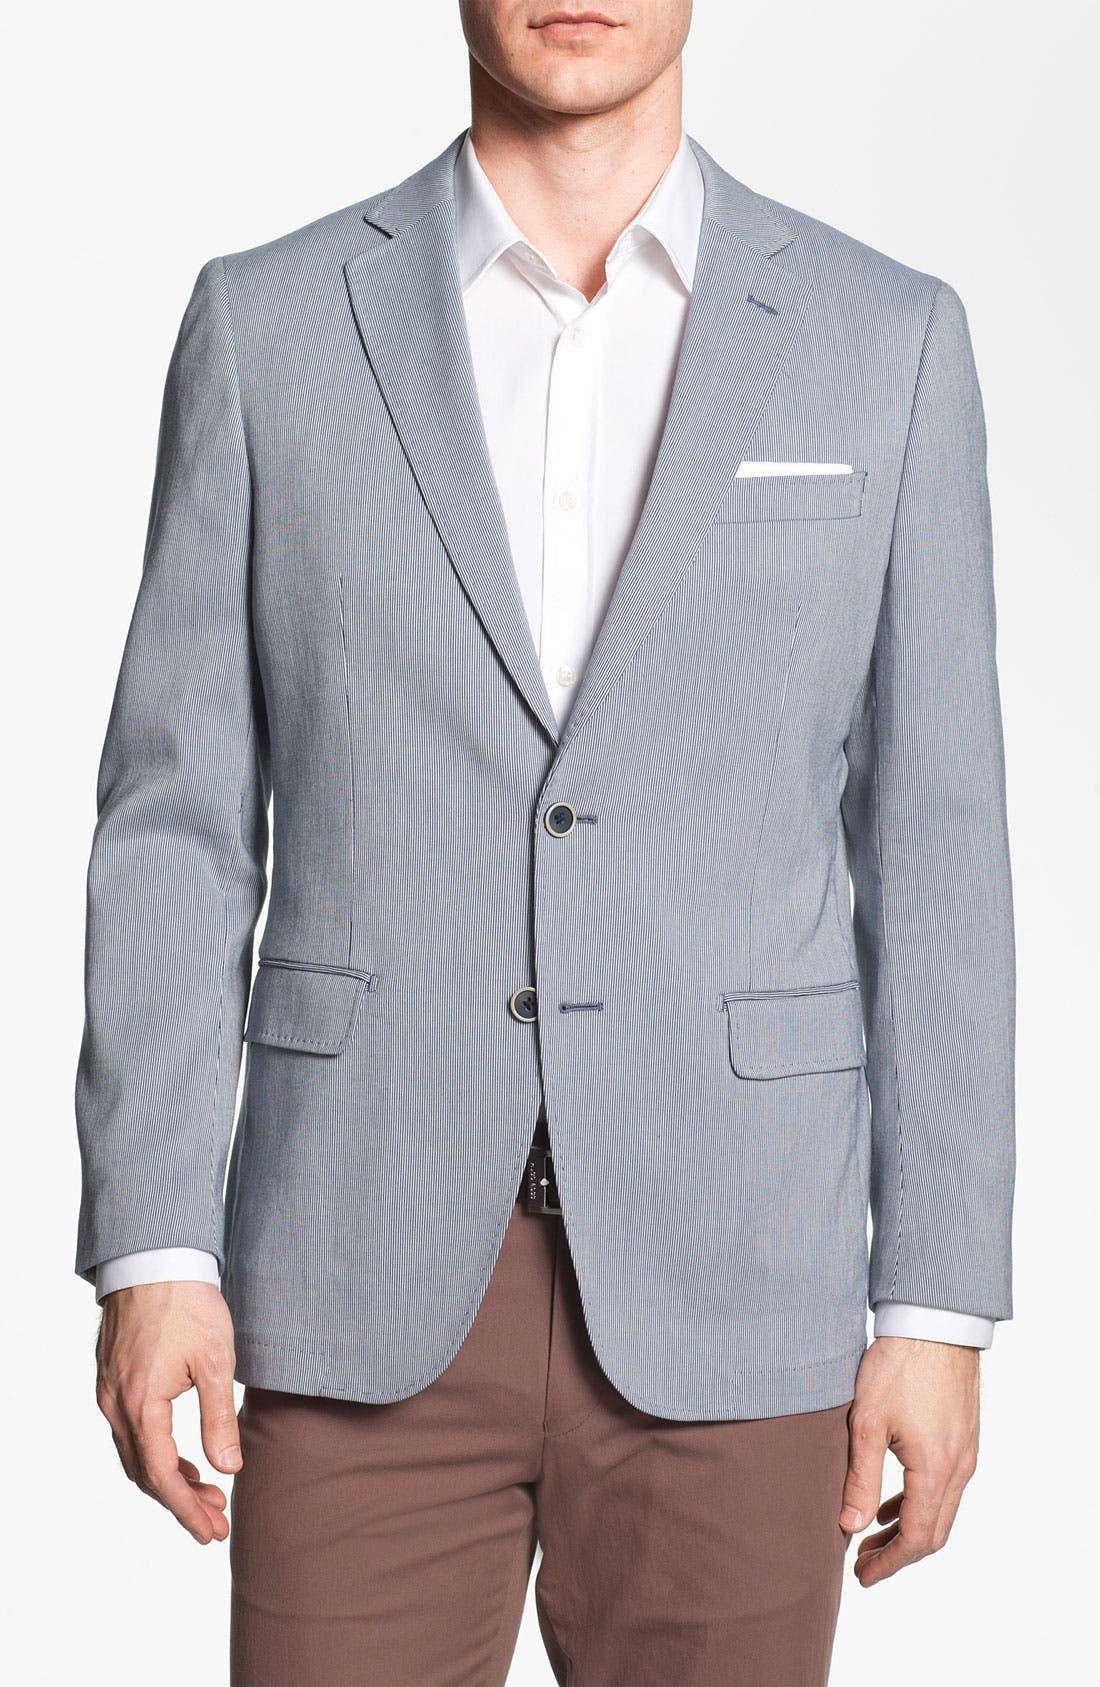 Main Image - Michael Kors Trim Fit Cotton Blend Sportcoat